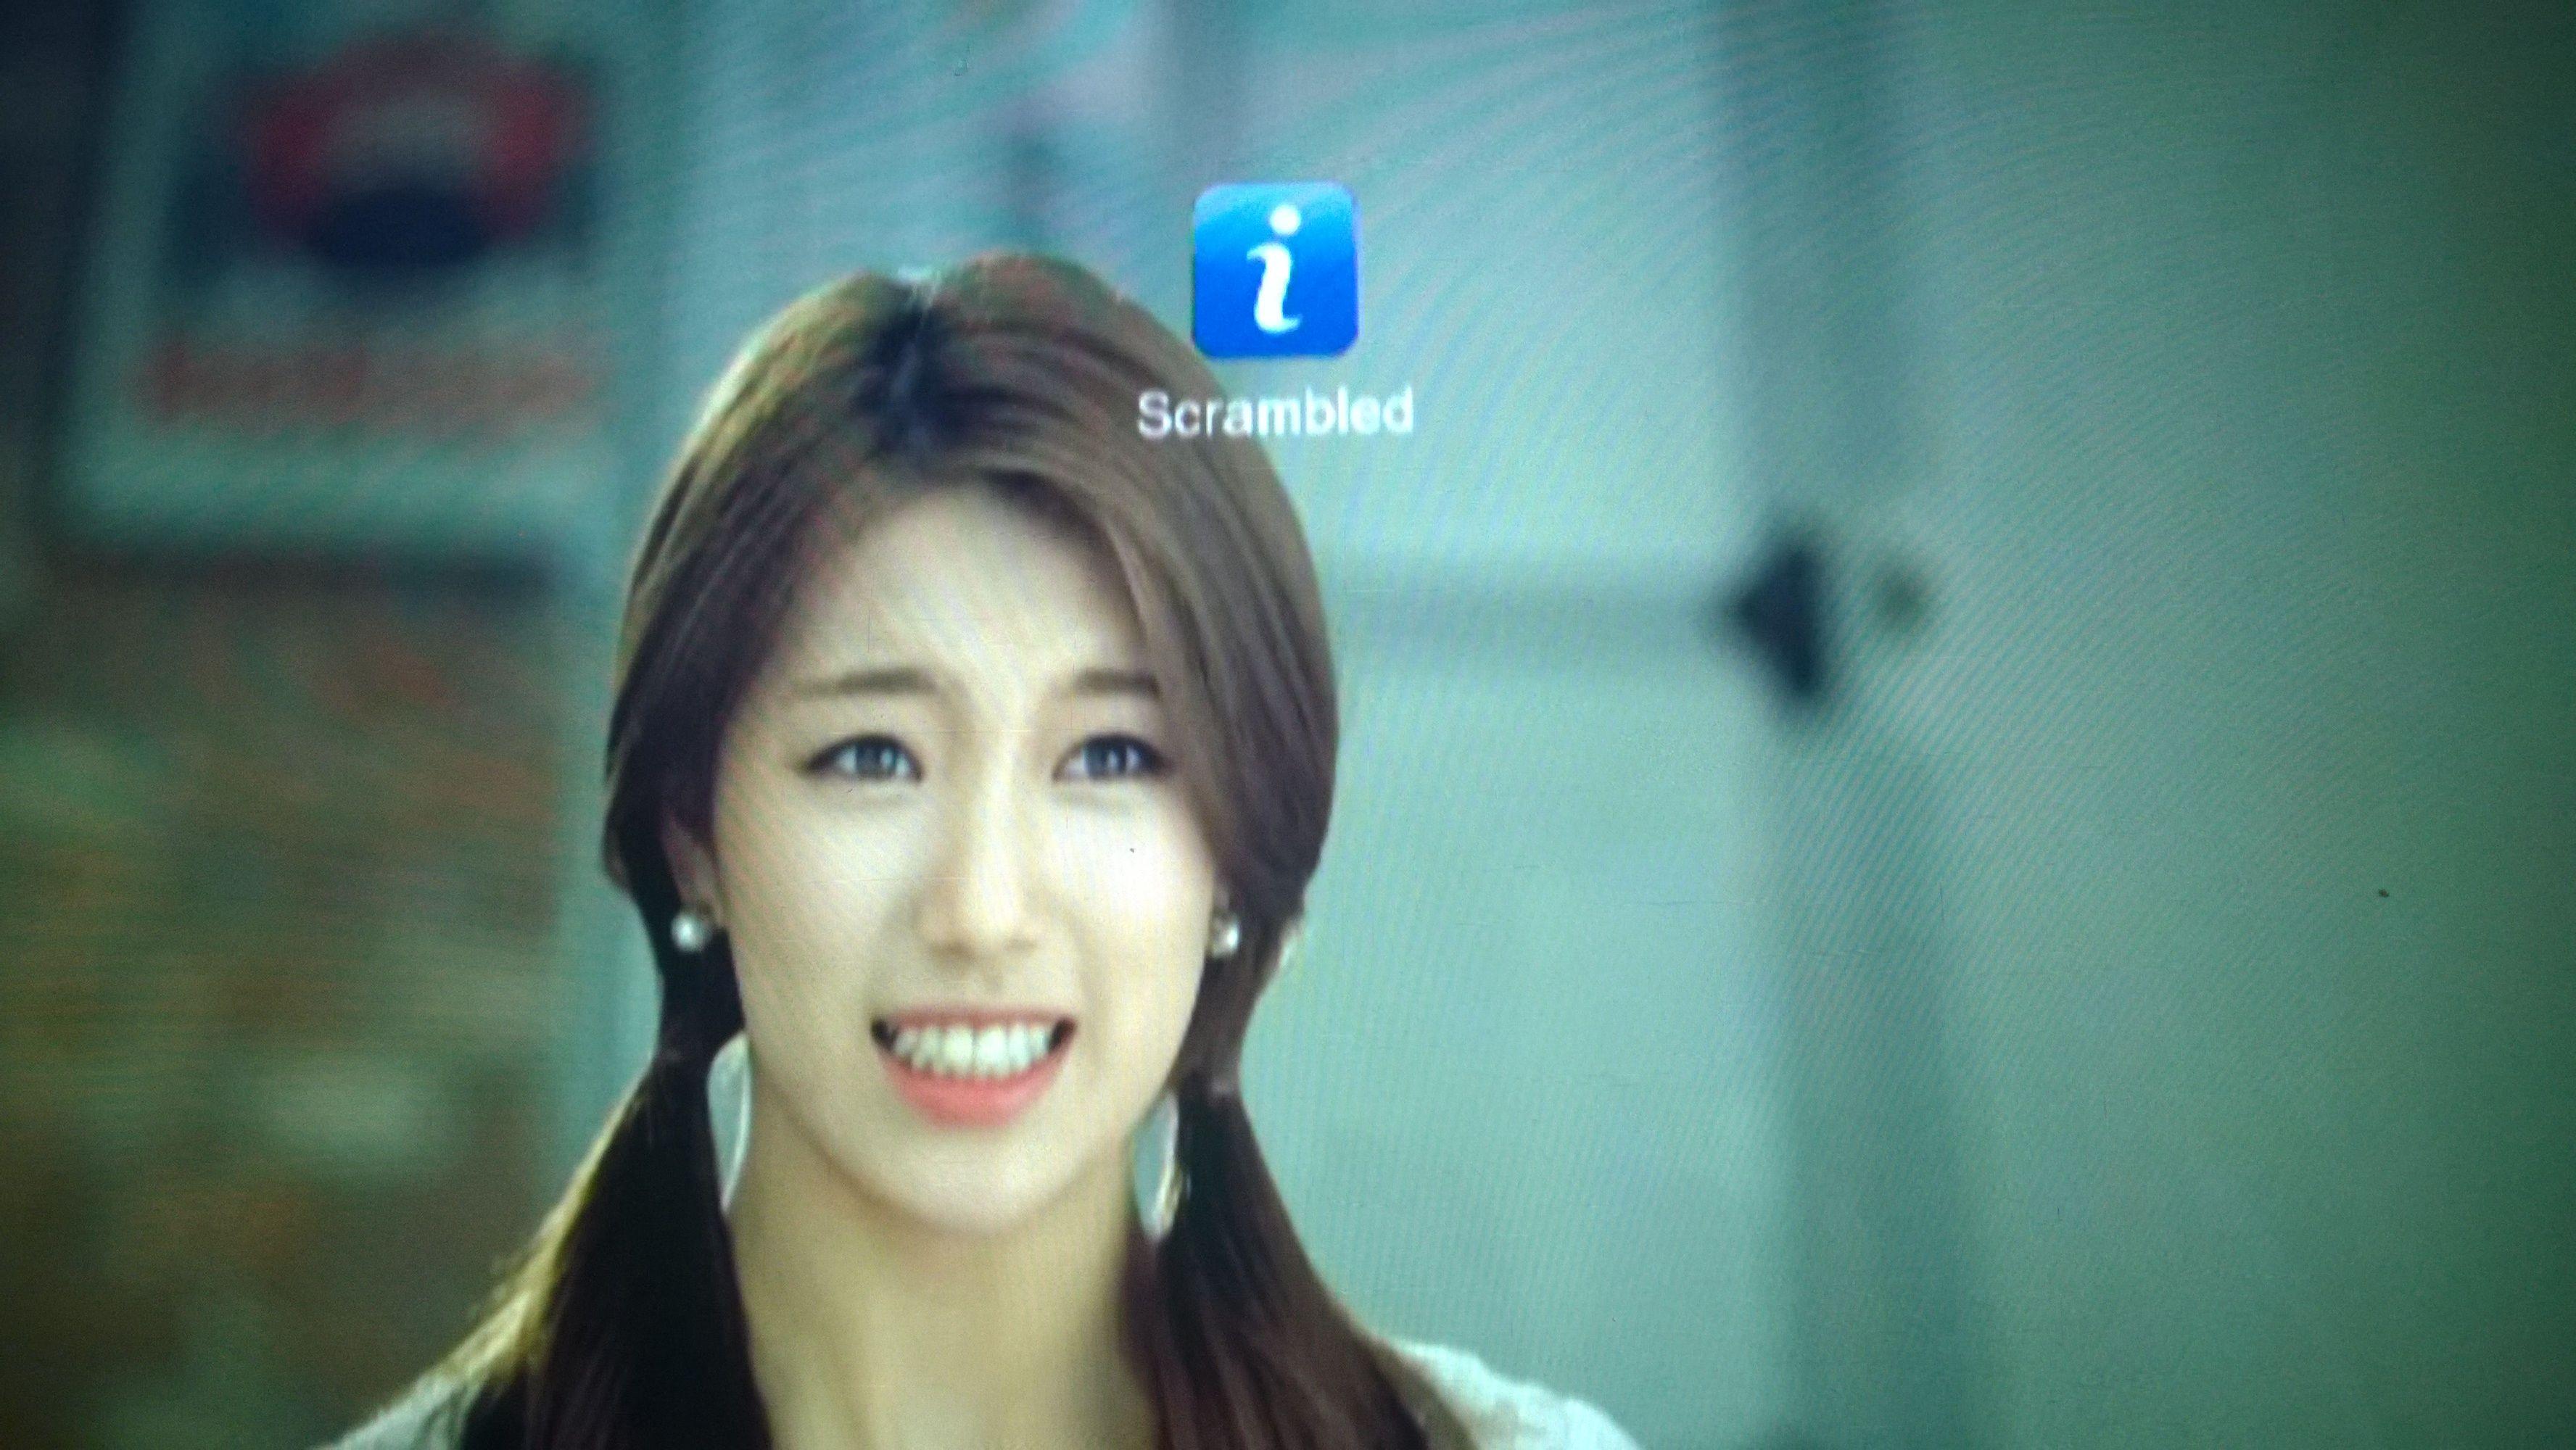 韩国电影少女女主角 下女韩国电影完整版 超级少女女主角